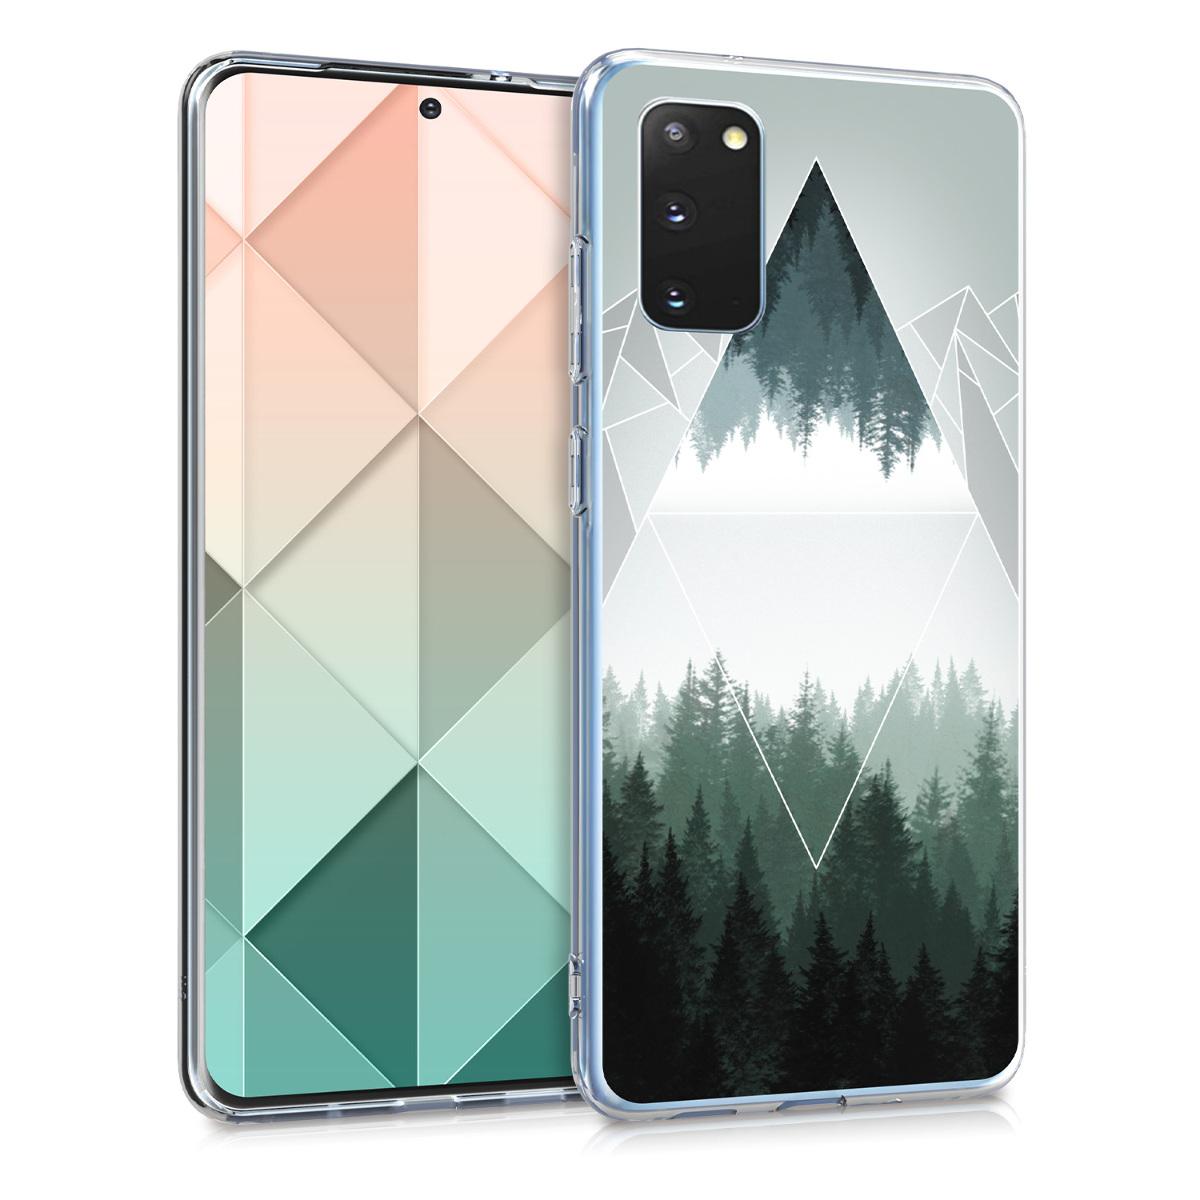 Silikonové pouzdro / obal pro Samsung S20 s motivem hor a lesa